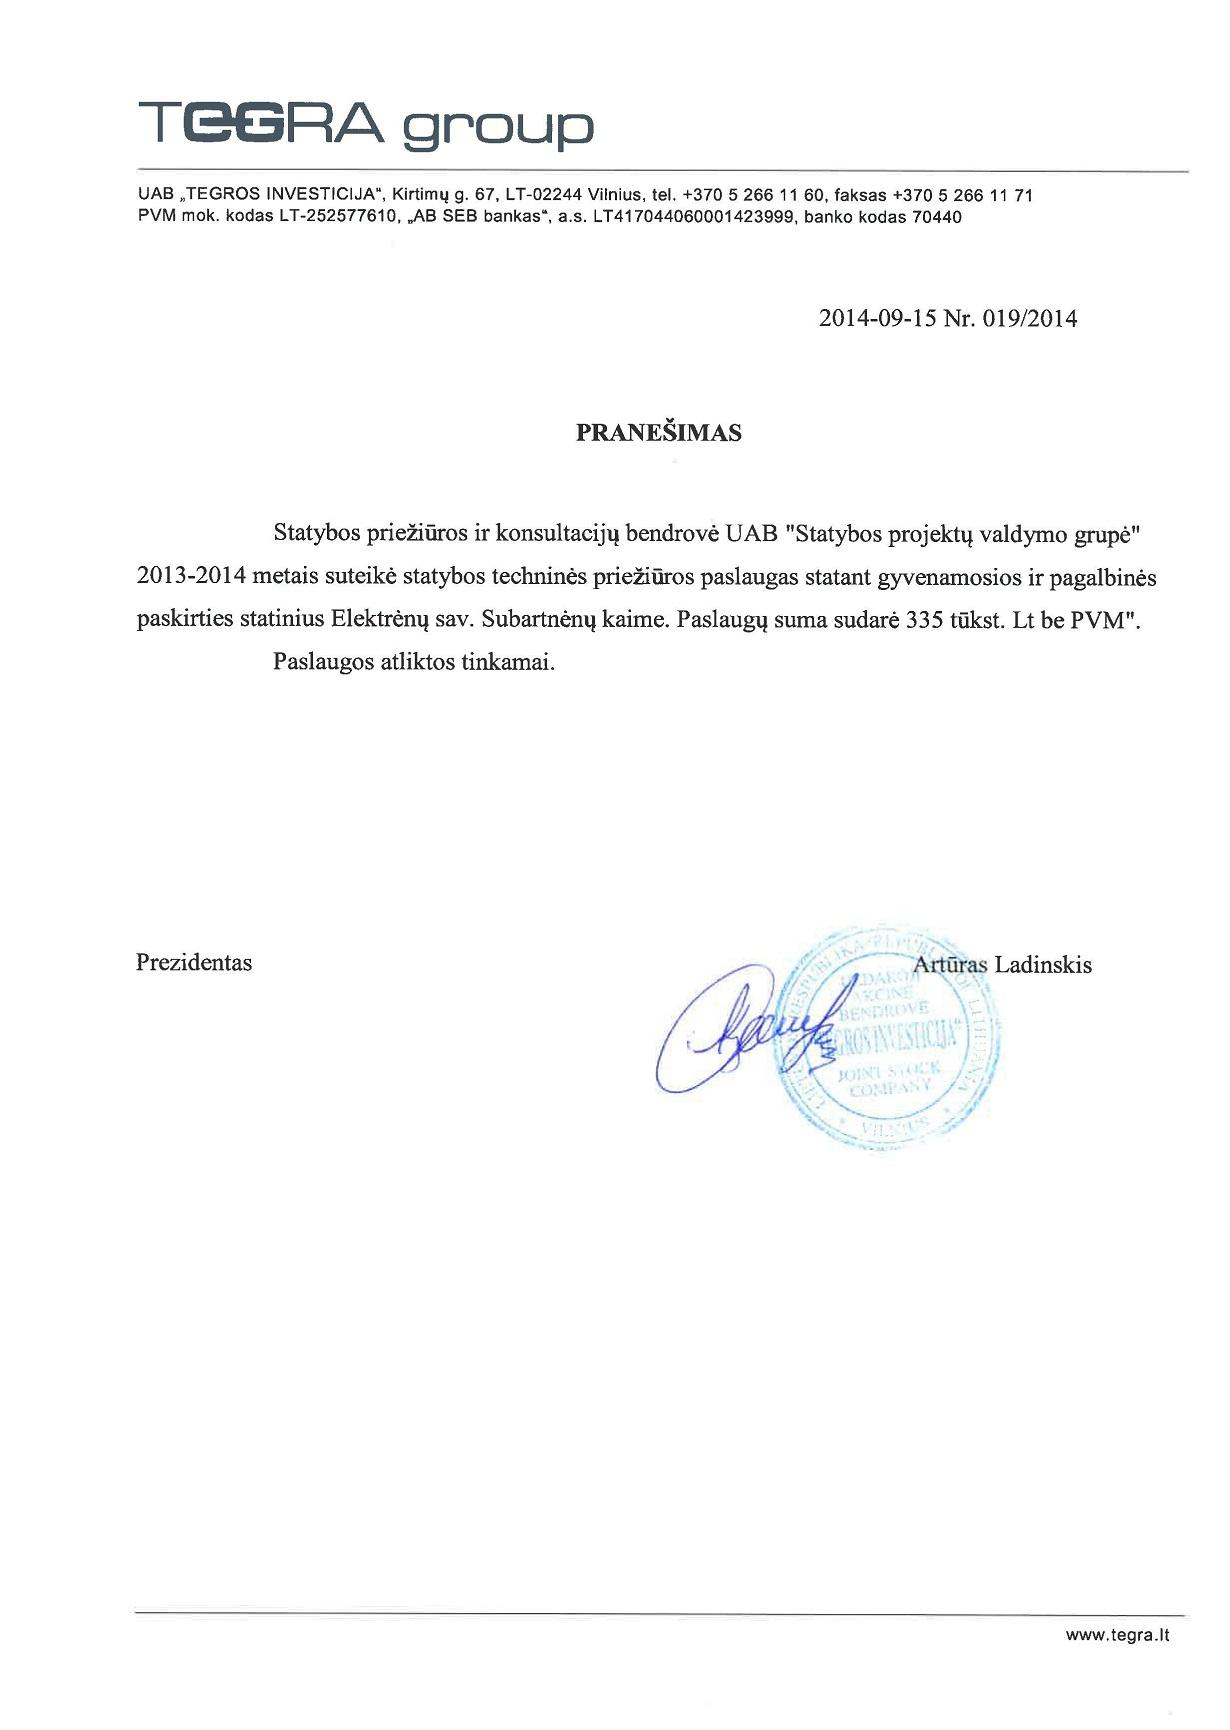 TEGROS INVESTICIJA UAB Pranešimas 2014-09-15